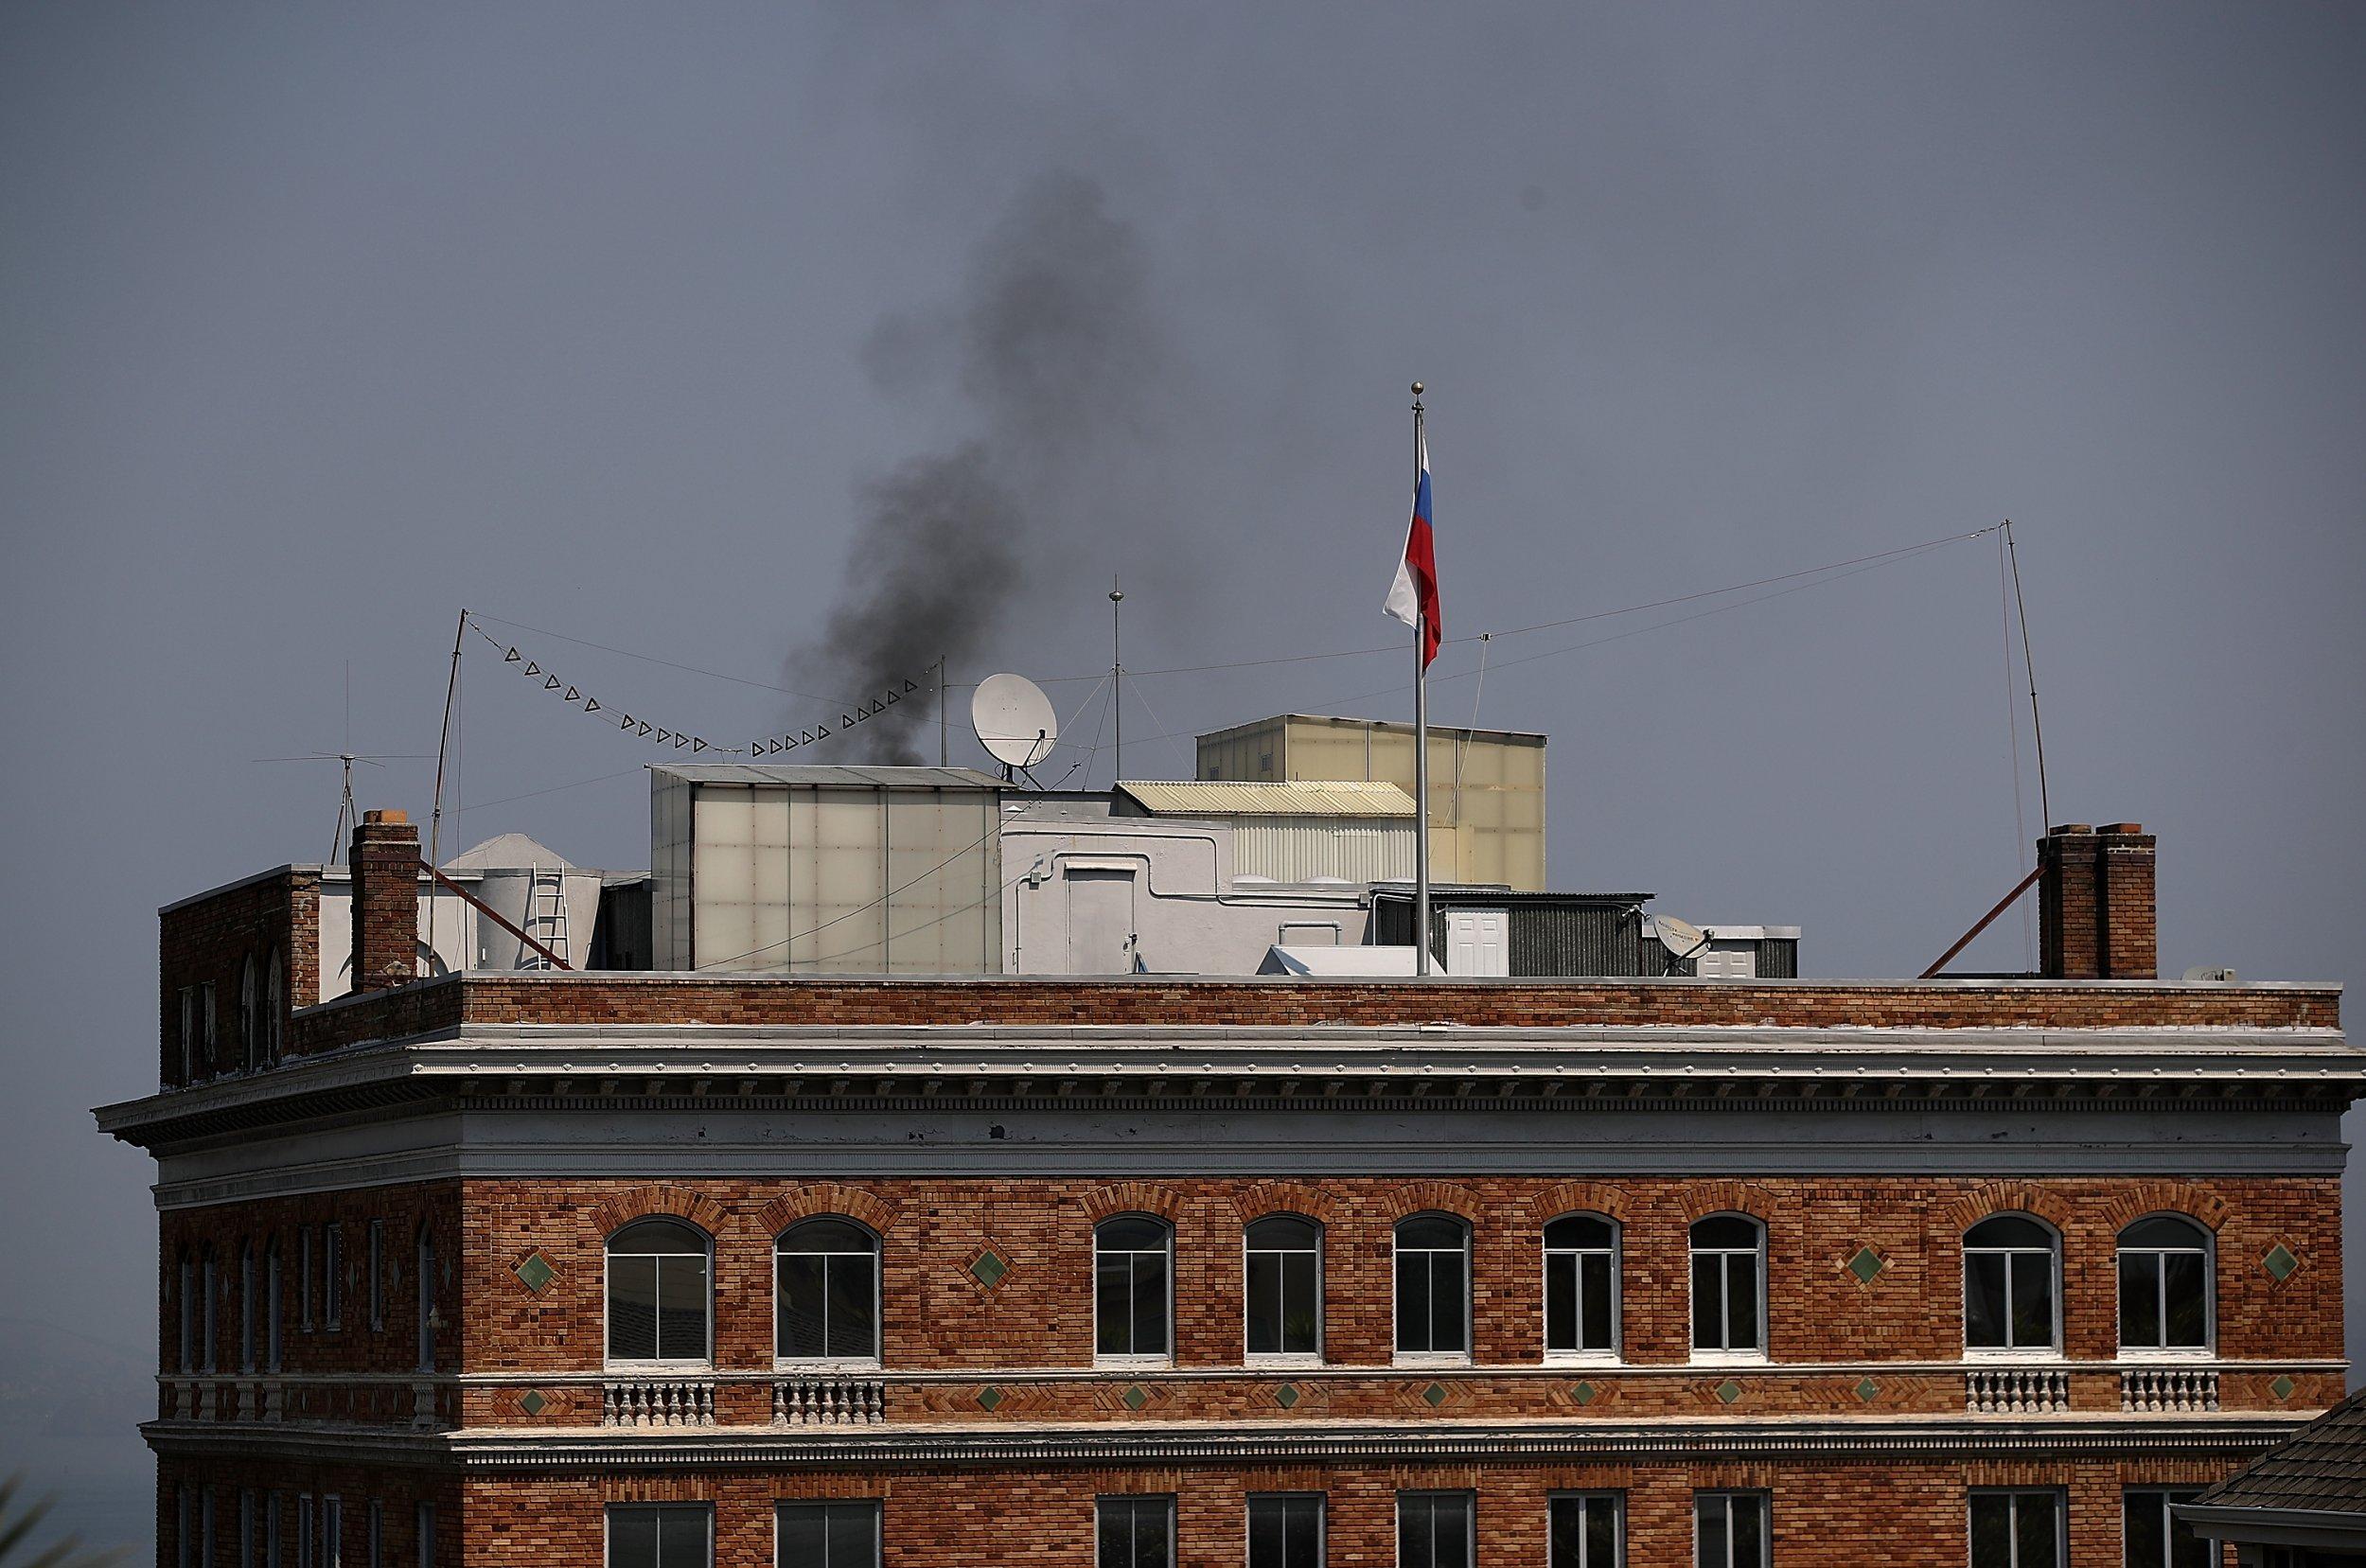 """Союзники повышают готовность своих сил. США увеличивают присутствие в Европе, - Столтенберг ответил на слова Макрона о """"коме НАТО"""" - Цензор.НЕТ 9659"""